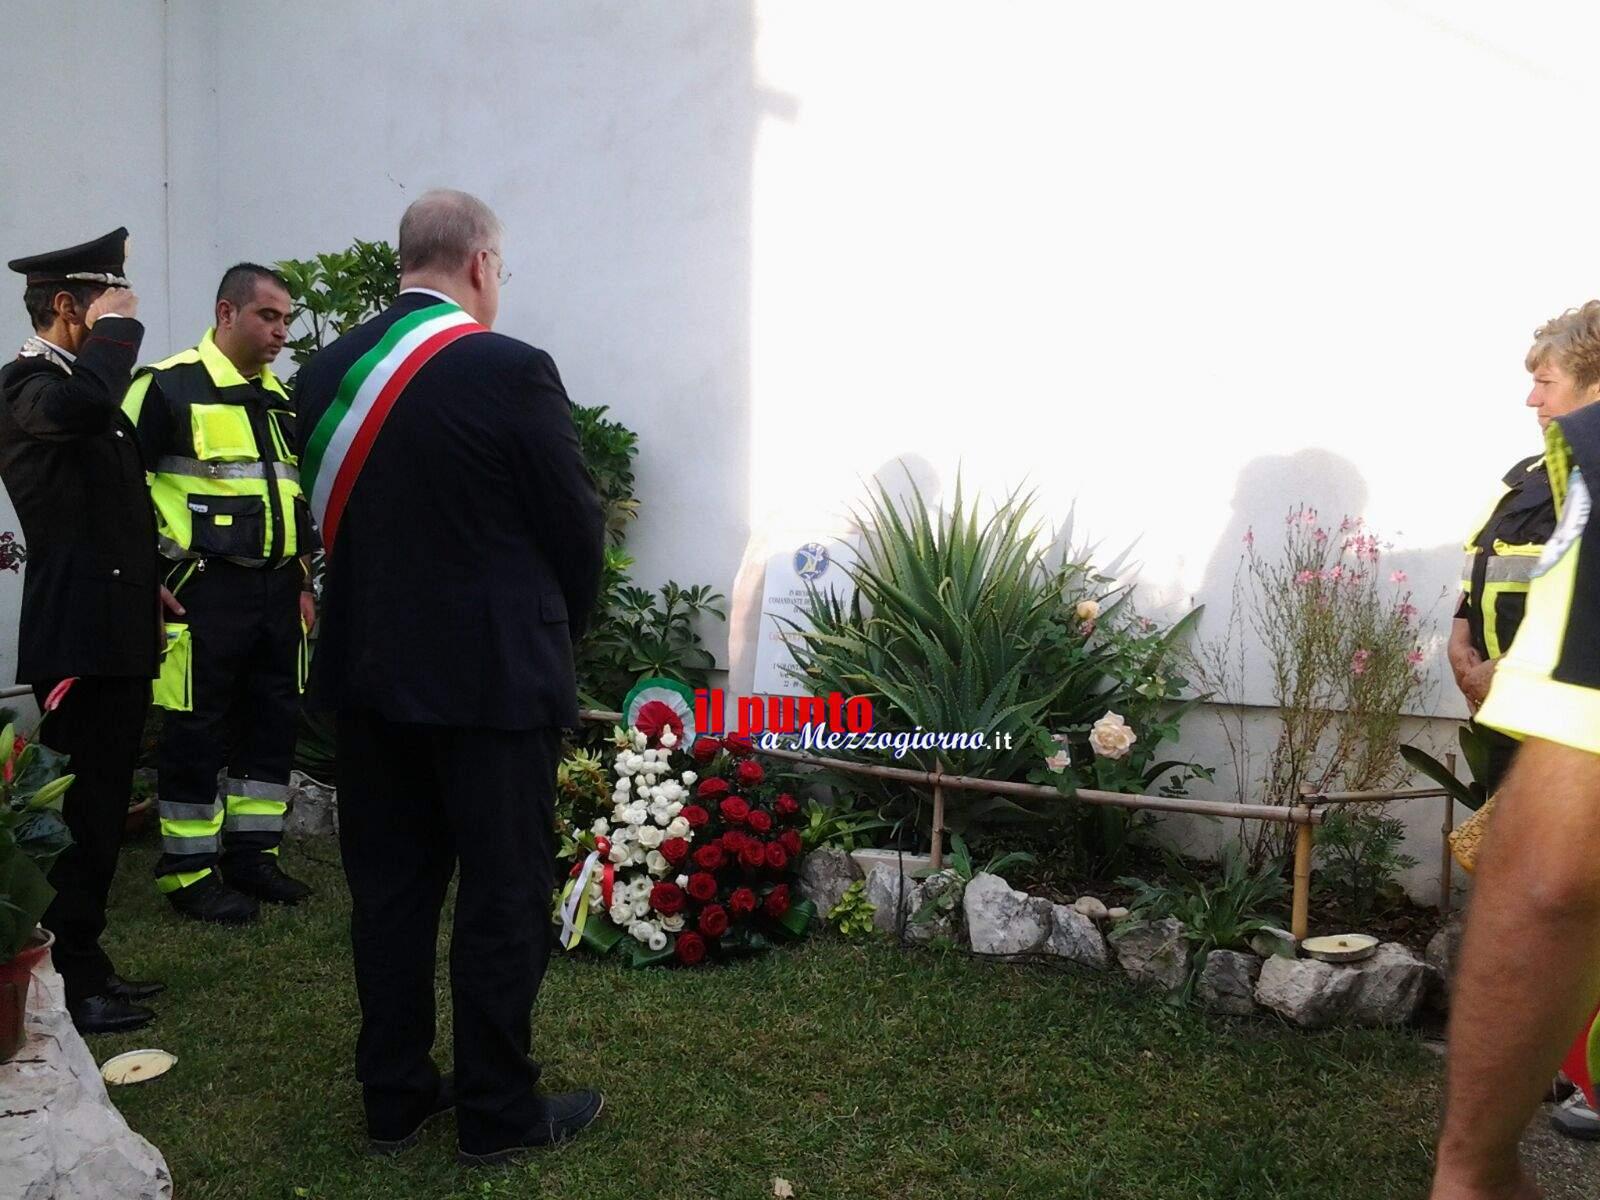 Festa del volontariato a Cassino. Cerimonia di apertura e ricco programma